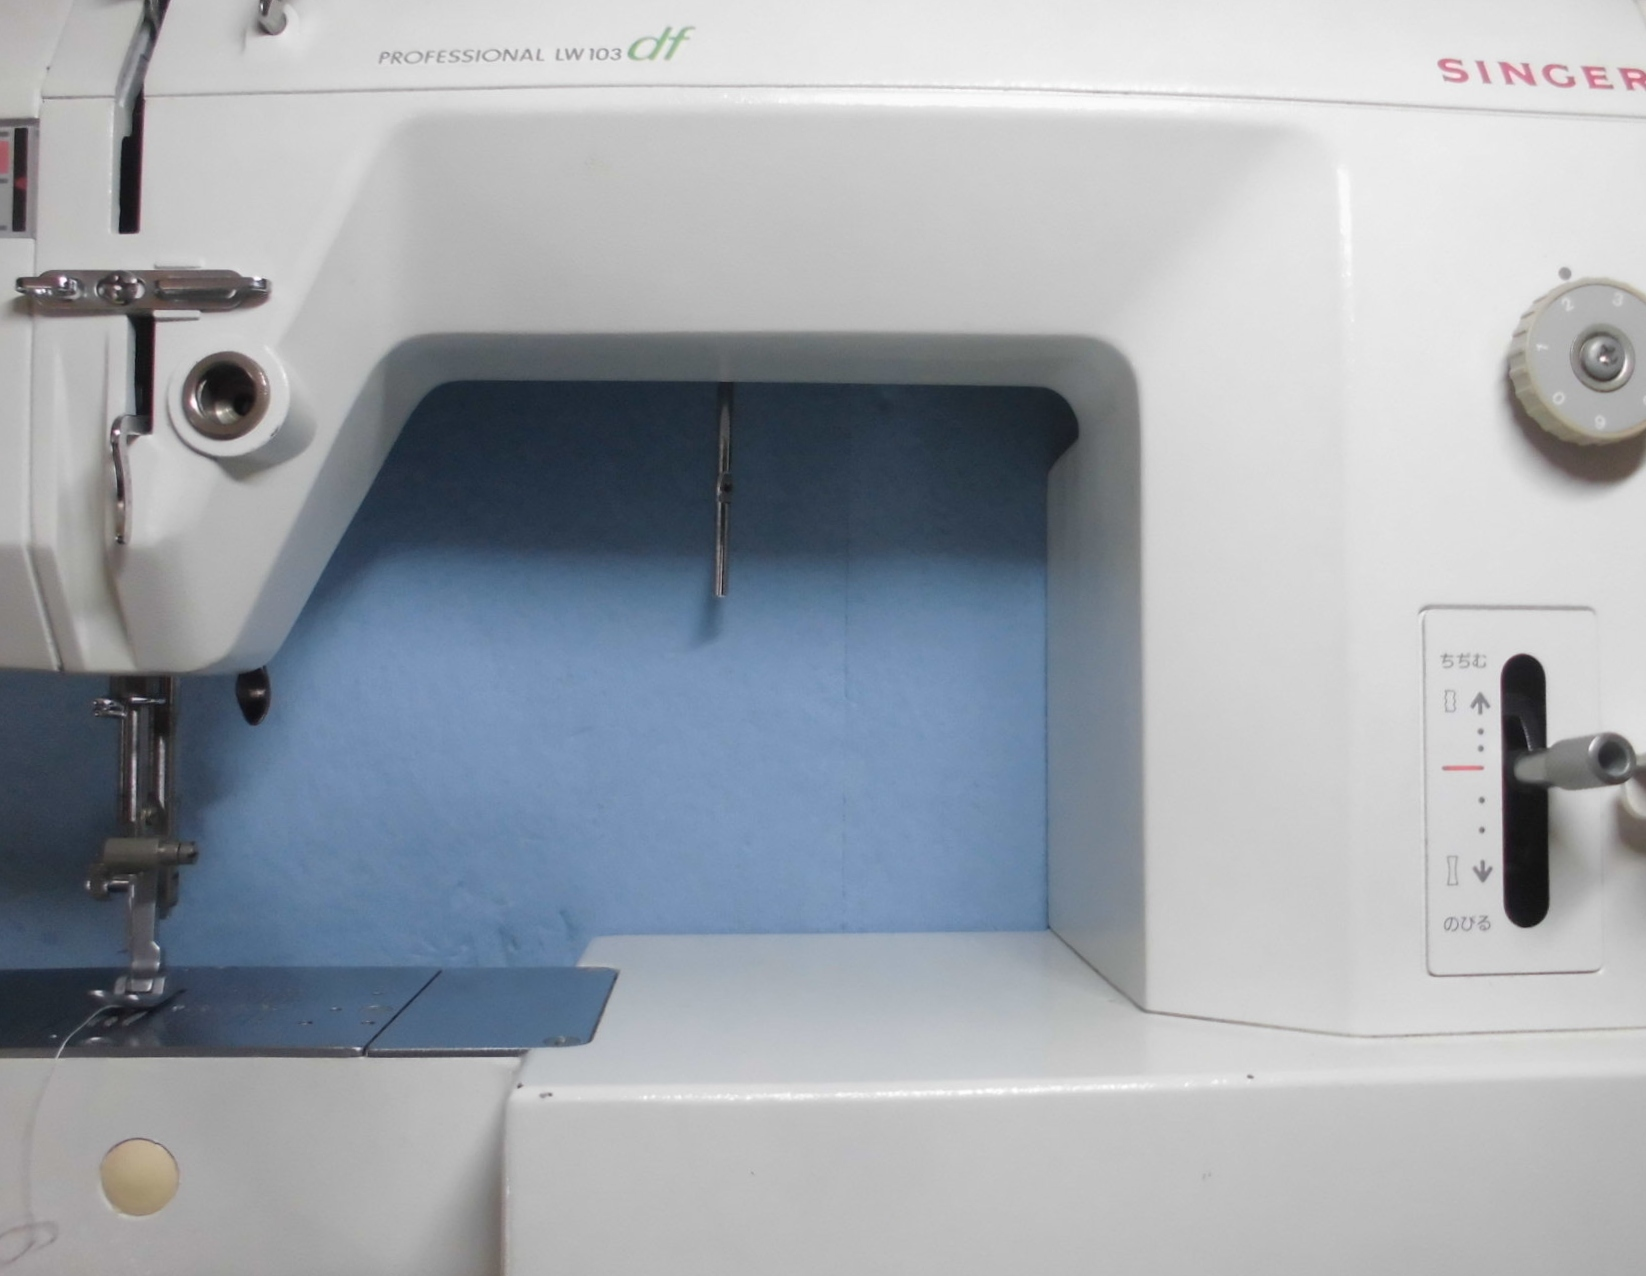 シンガーミシン修理|プロフェッショナル103df|部品の破損、糸調子不良、動作不良